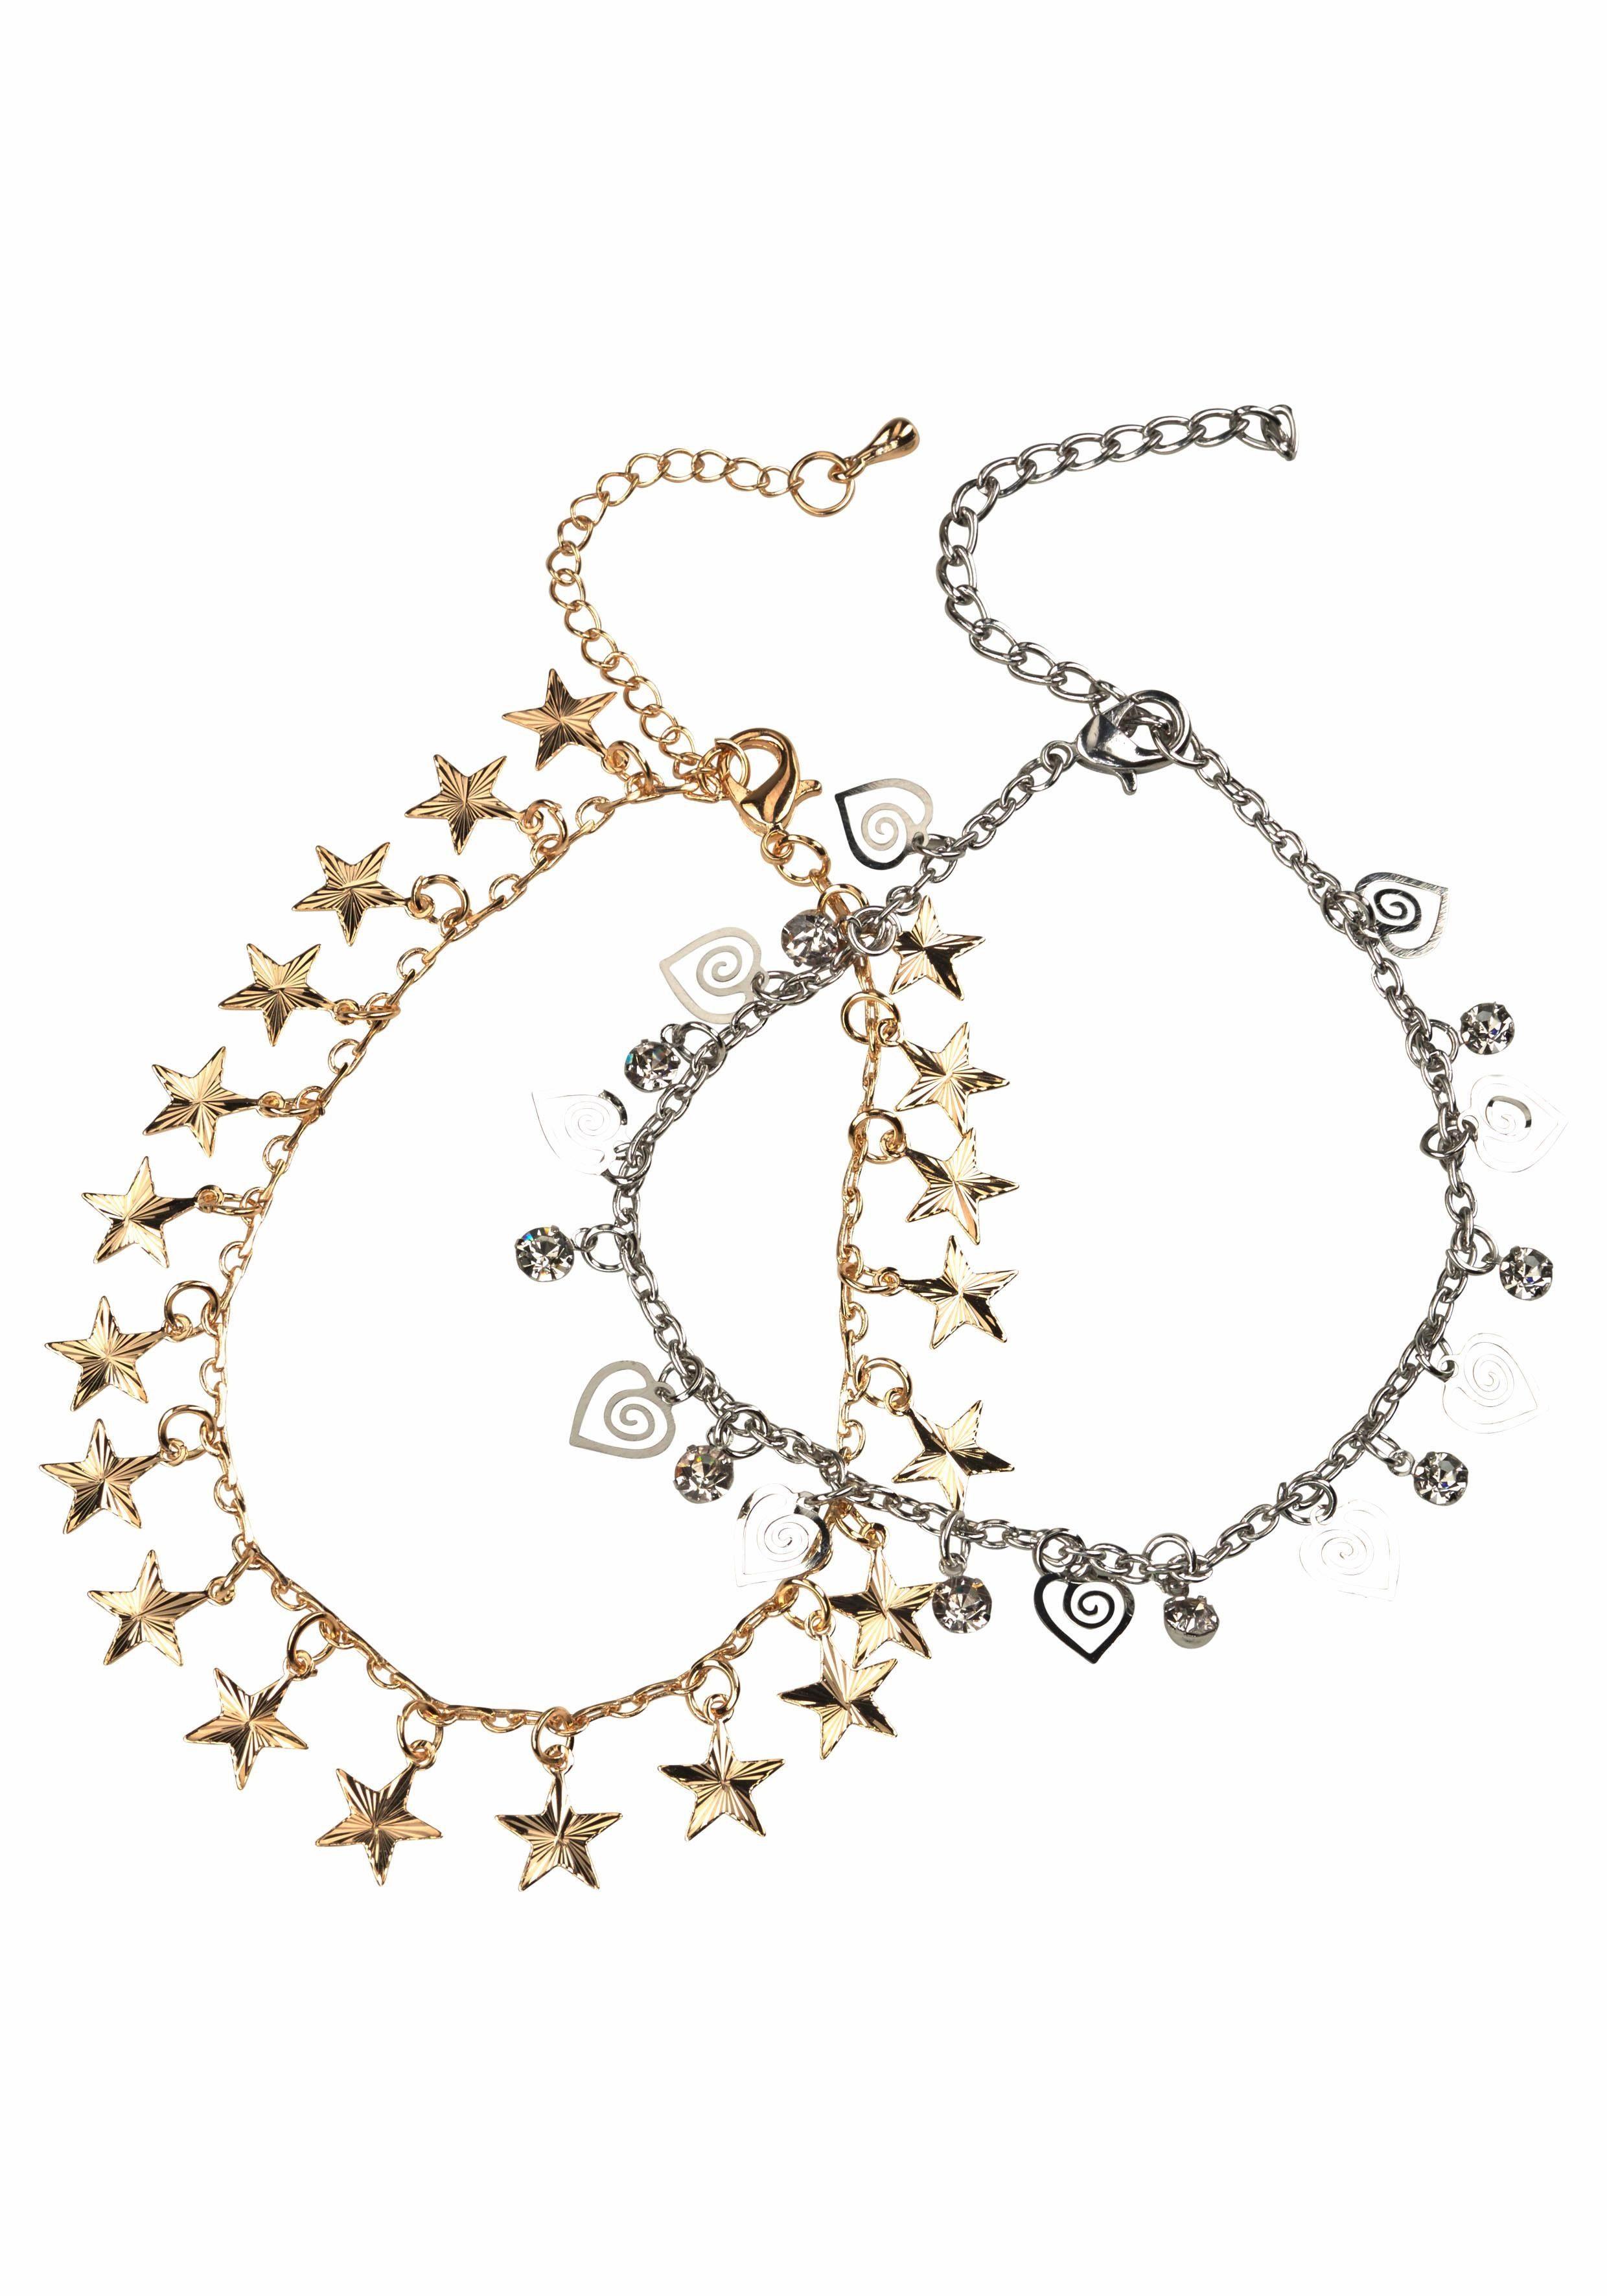 J.Jayz Fußketten Set mit Sternen, Herzen und Glitzersteinen